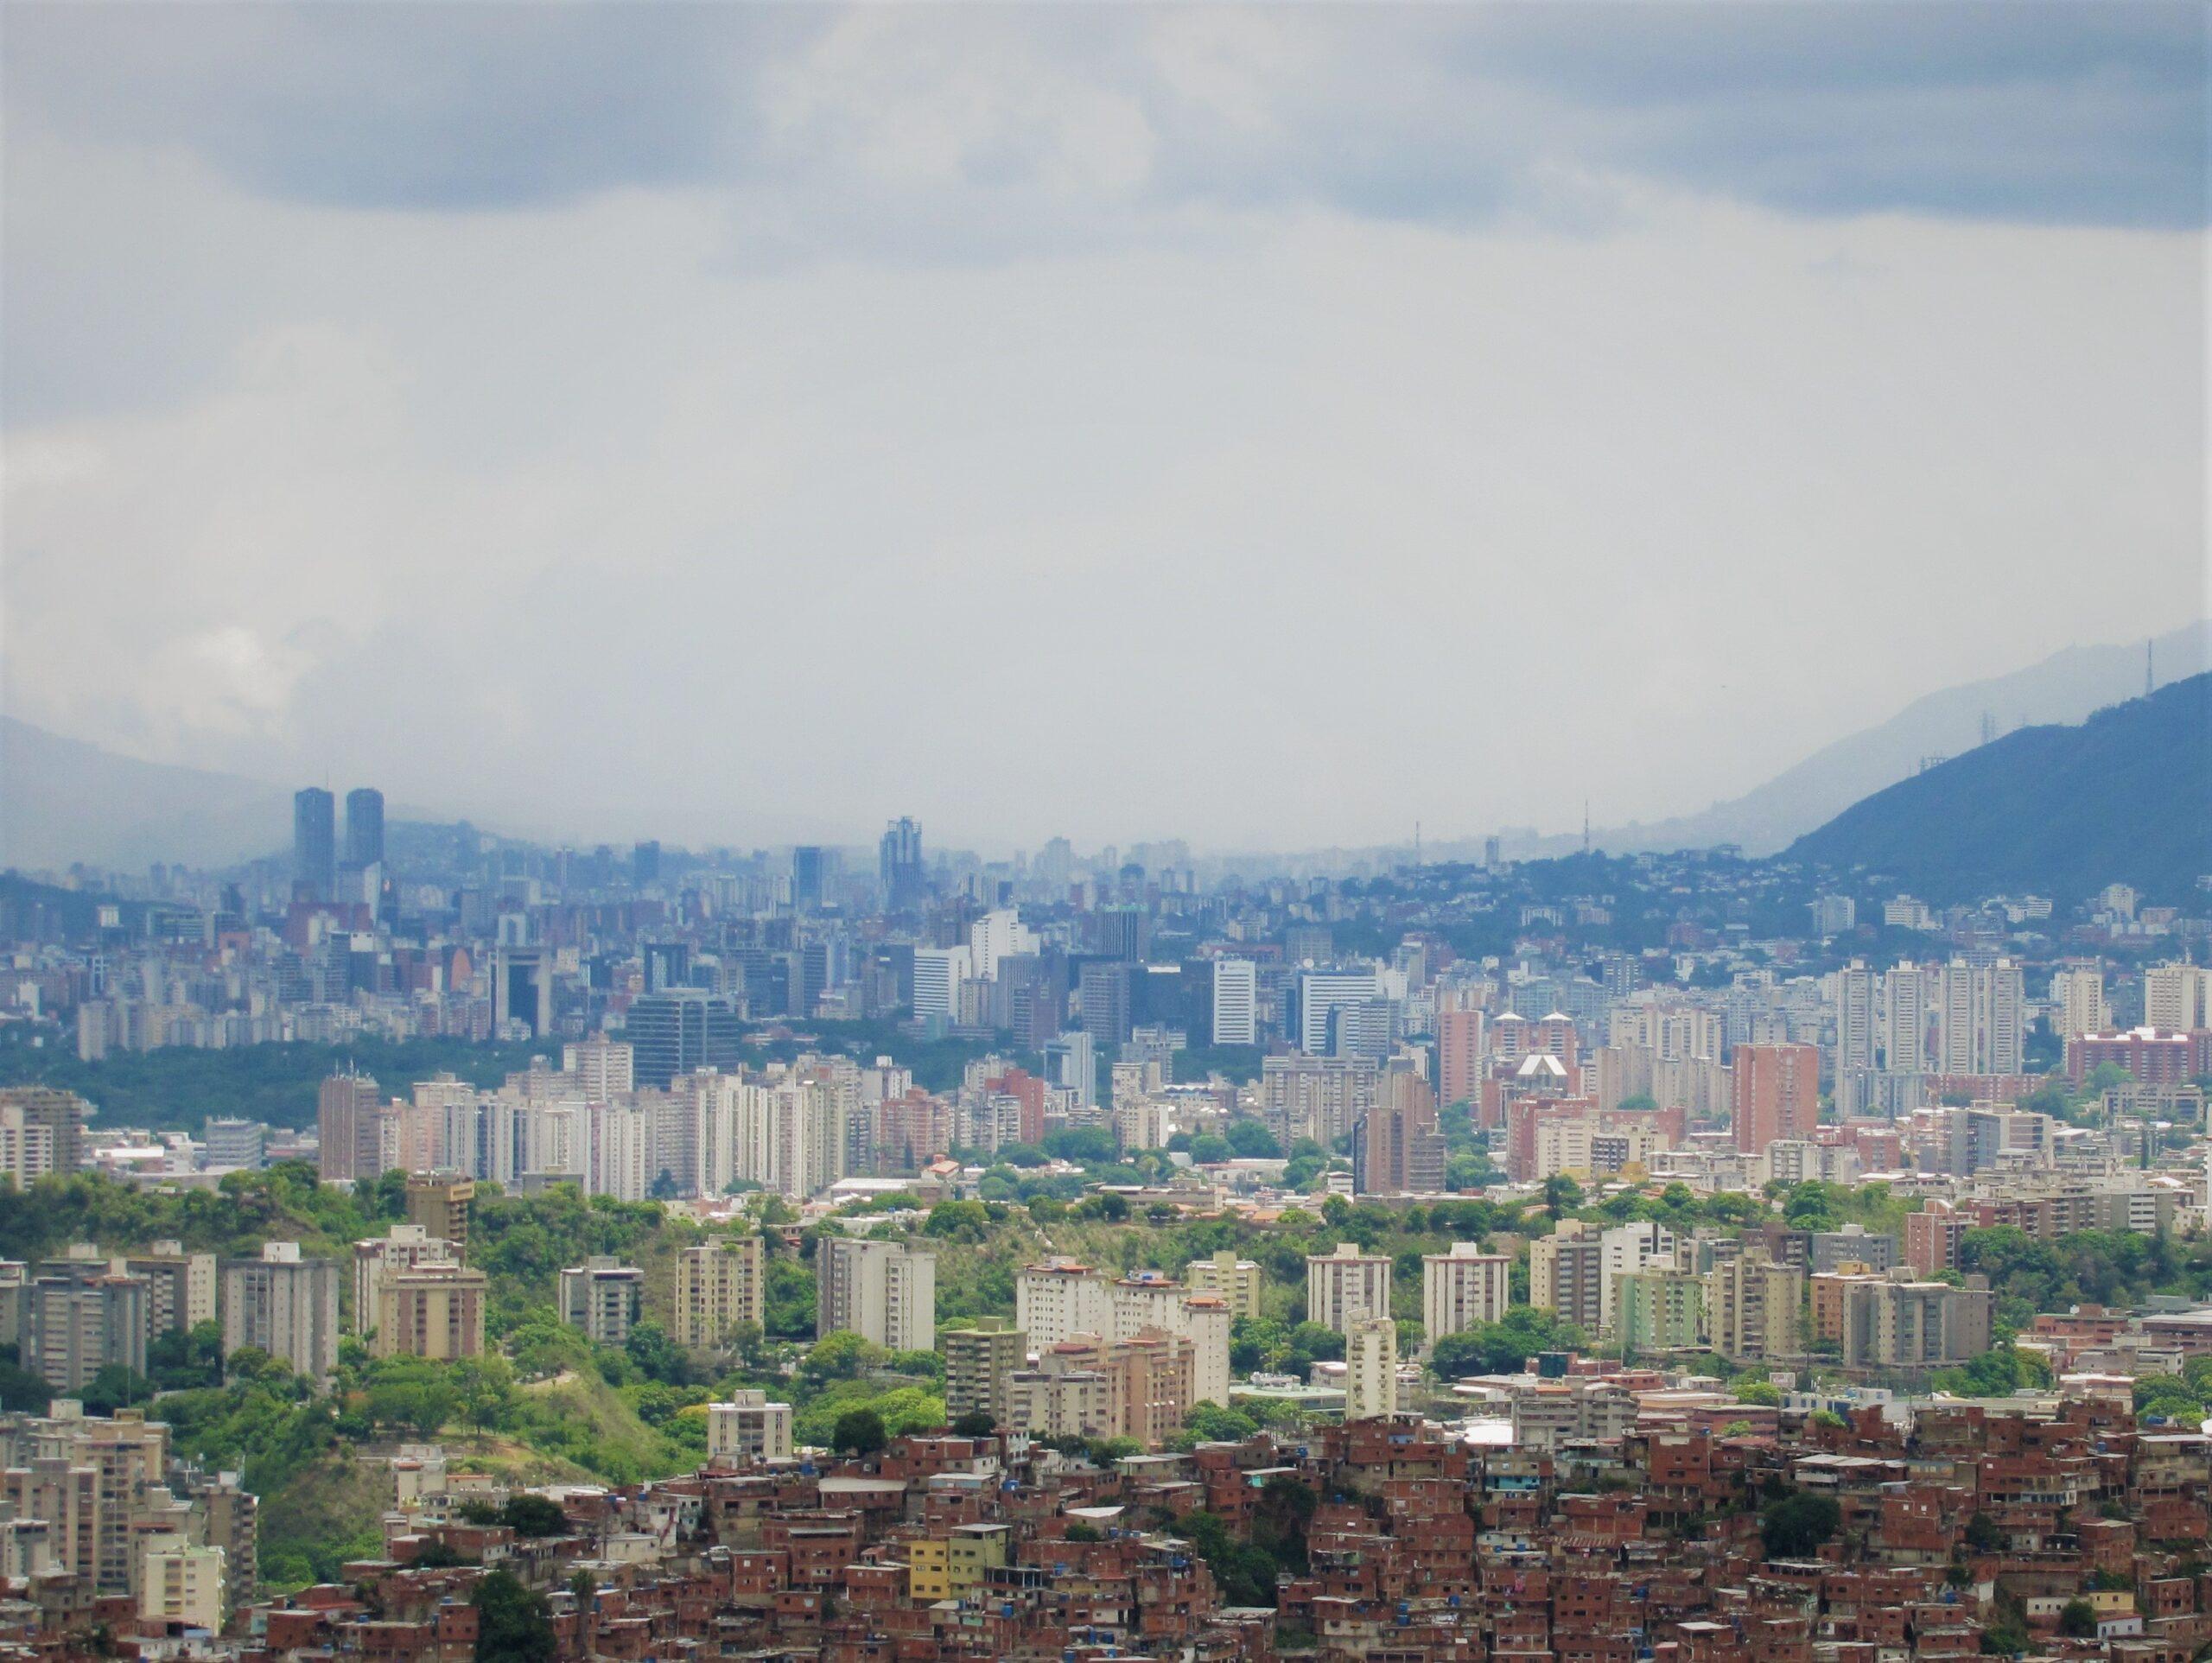 Caracas: El valle de los contrastes en concordia - Mas que un espacio